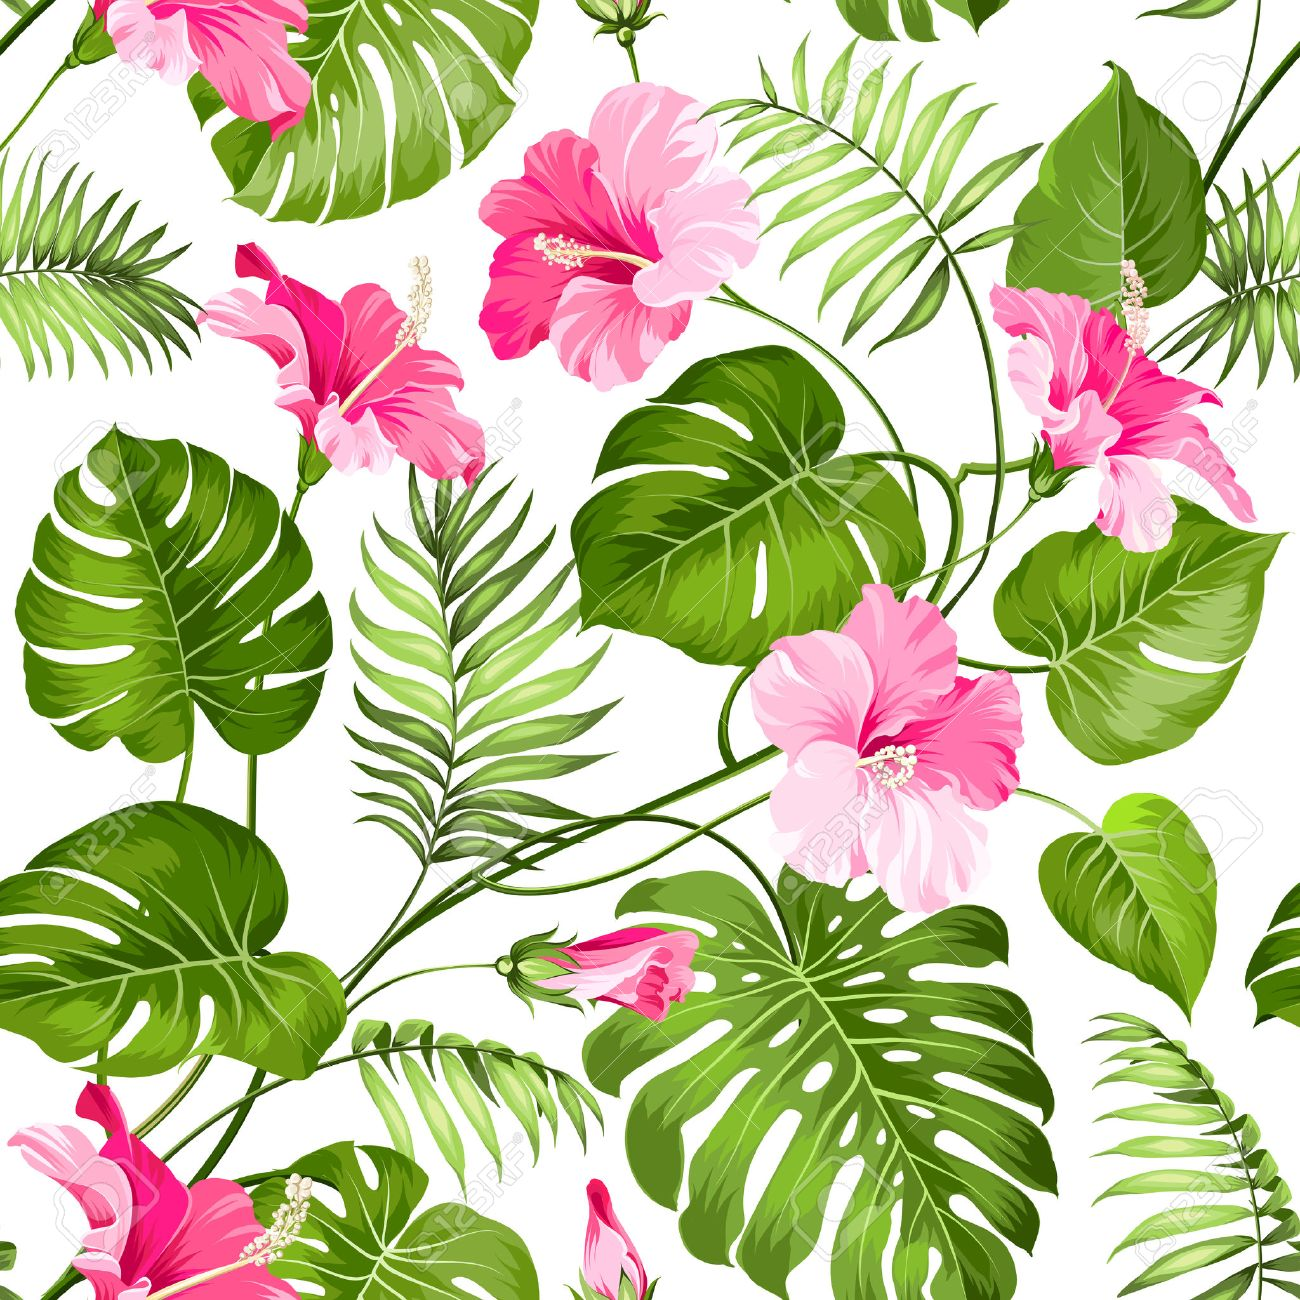 シームレスな南国の花 花のシームレスなパターン背景の花 ベクトルの図 のイラスト素材 ベクタ Image